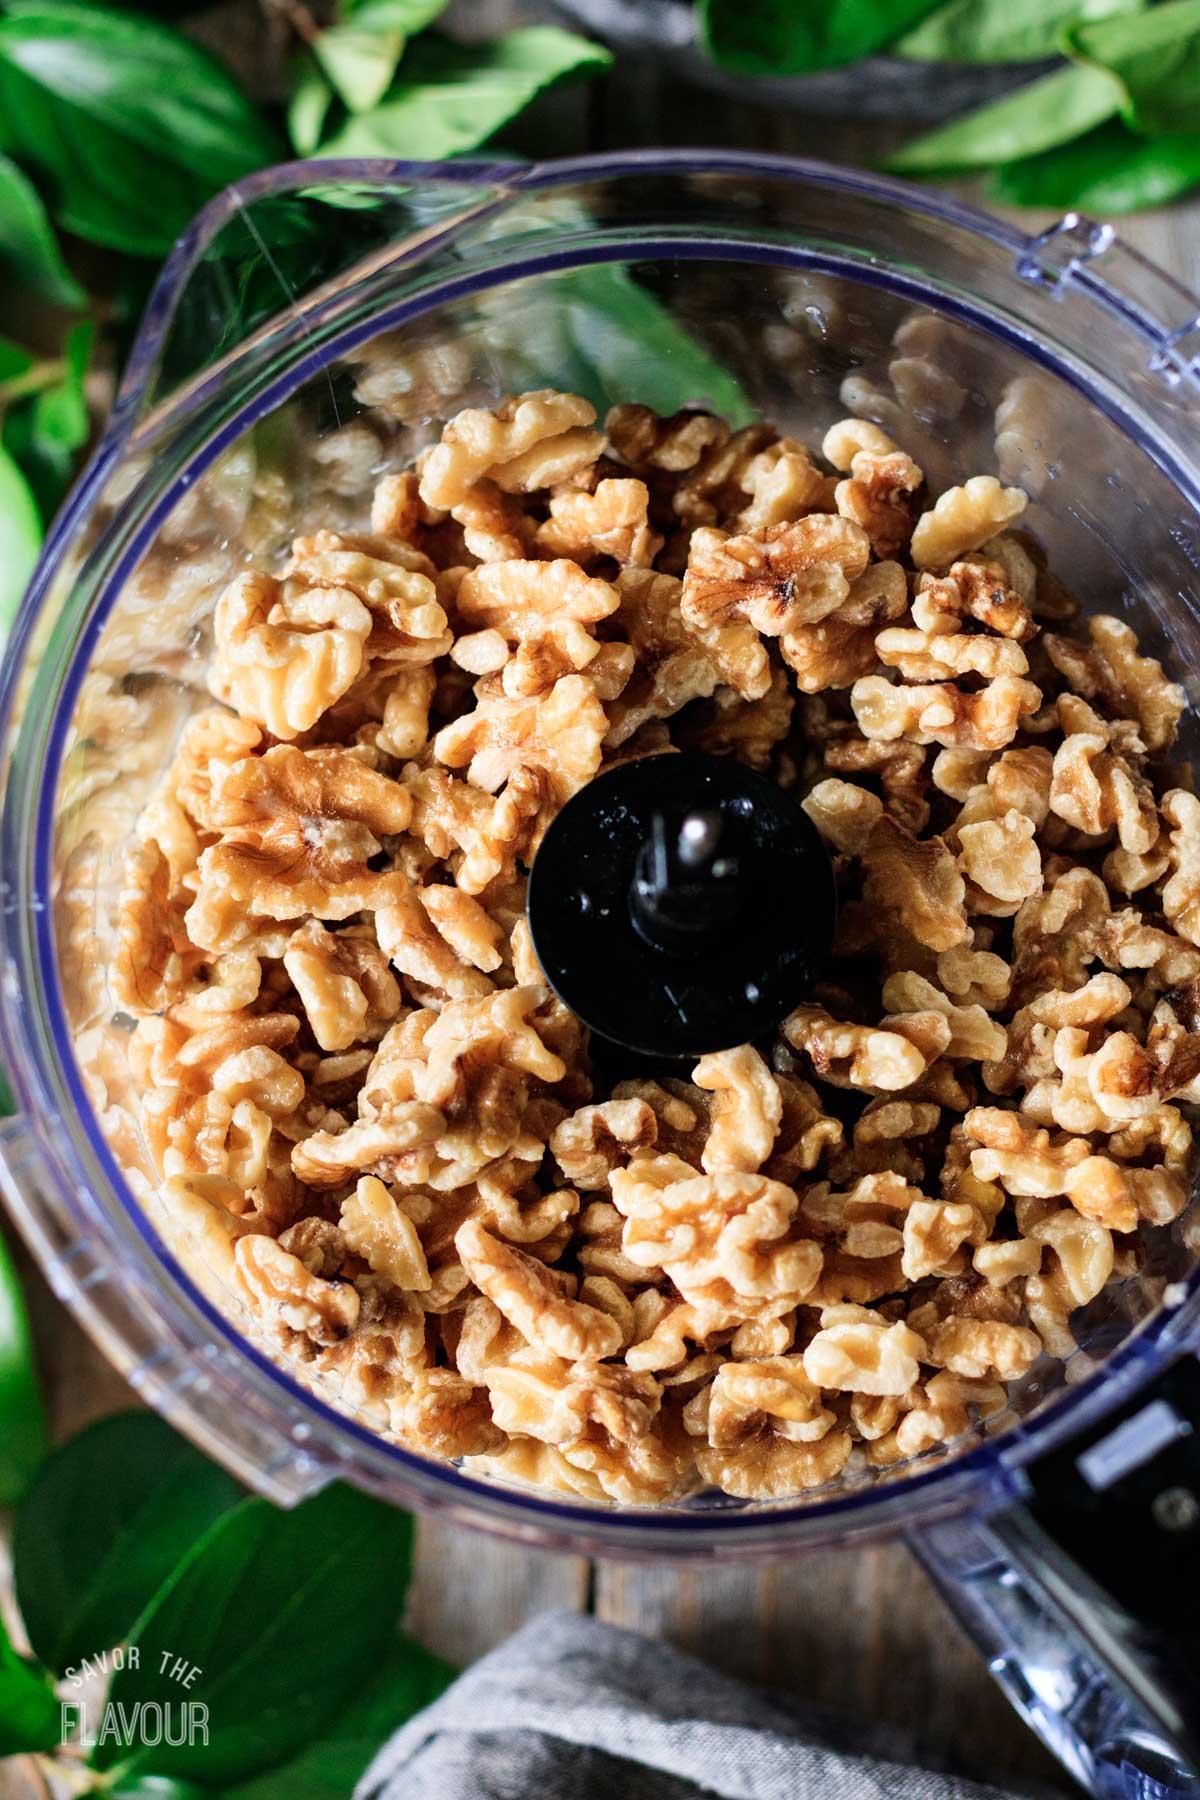 soaked walnuts in a food processor